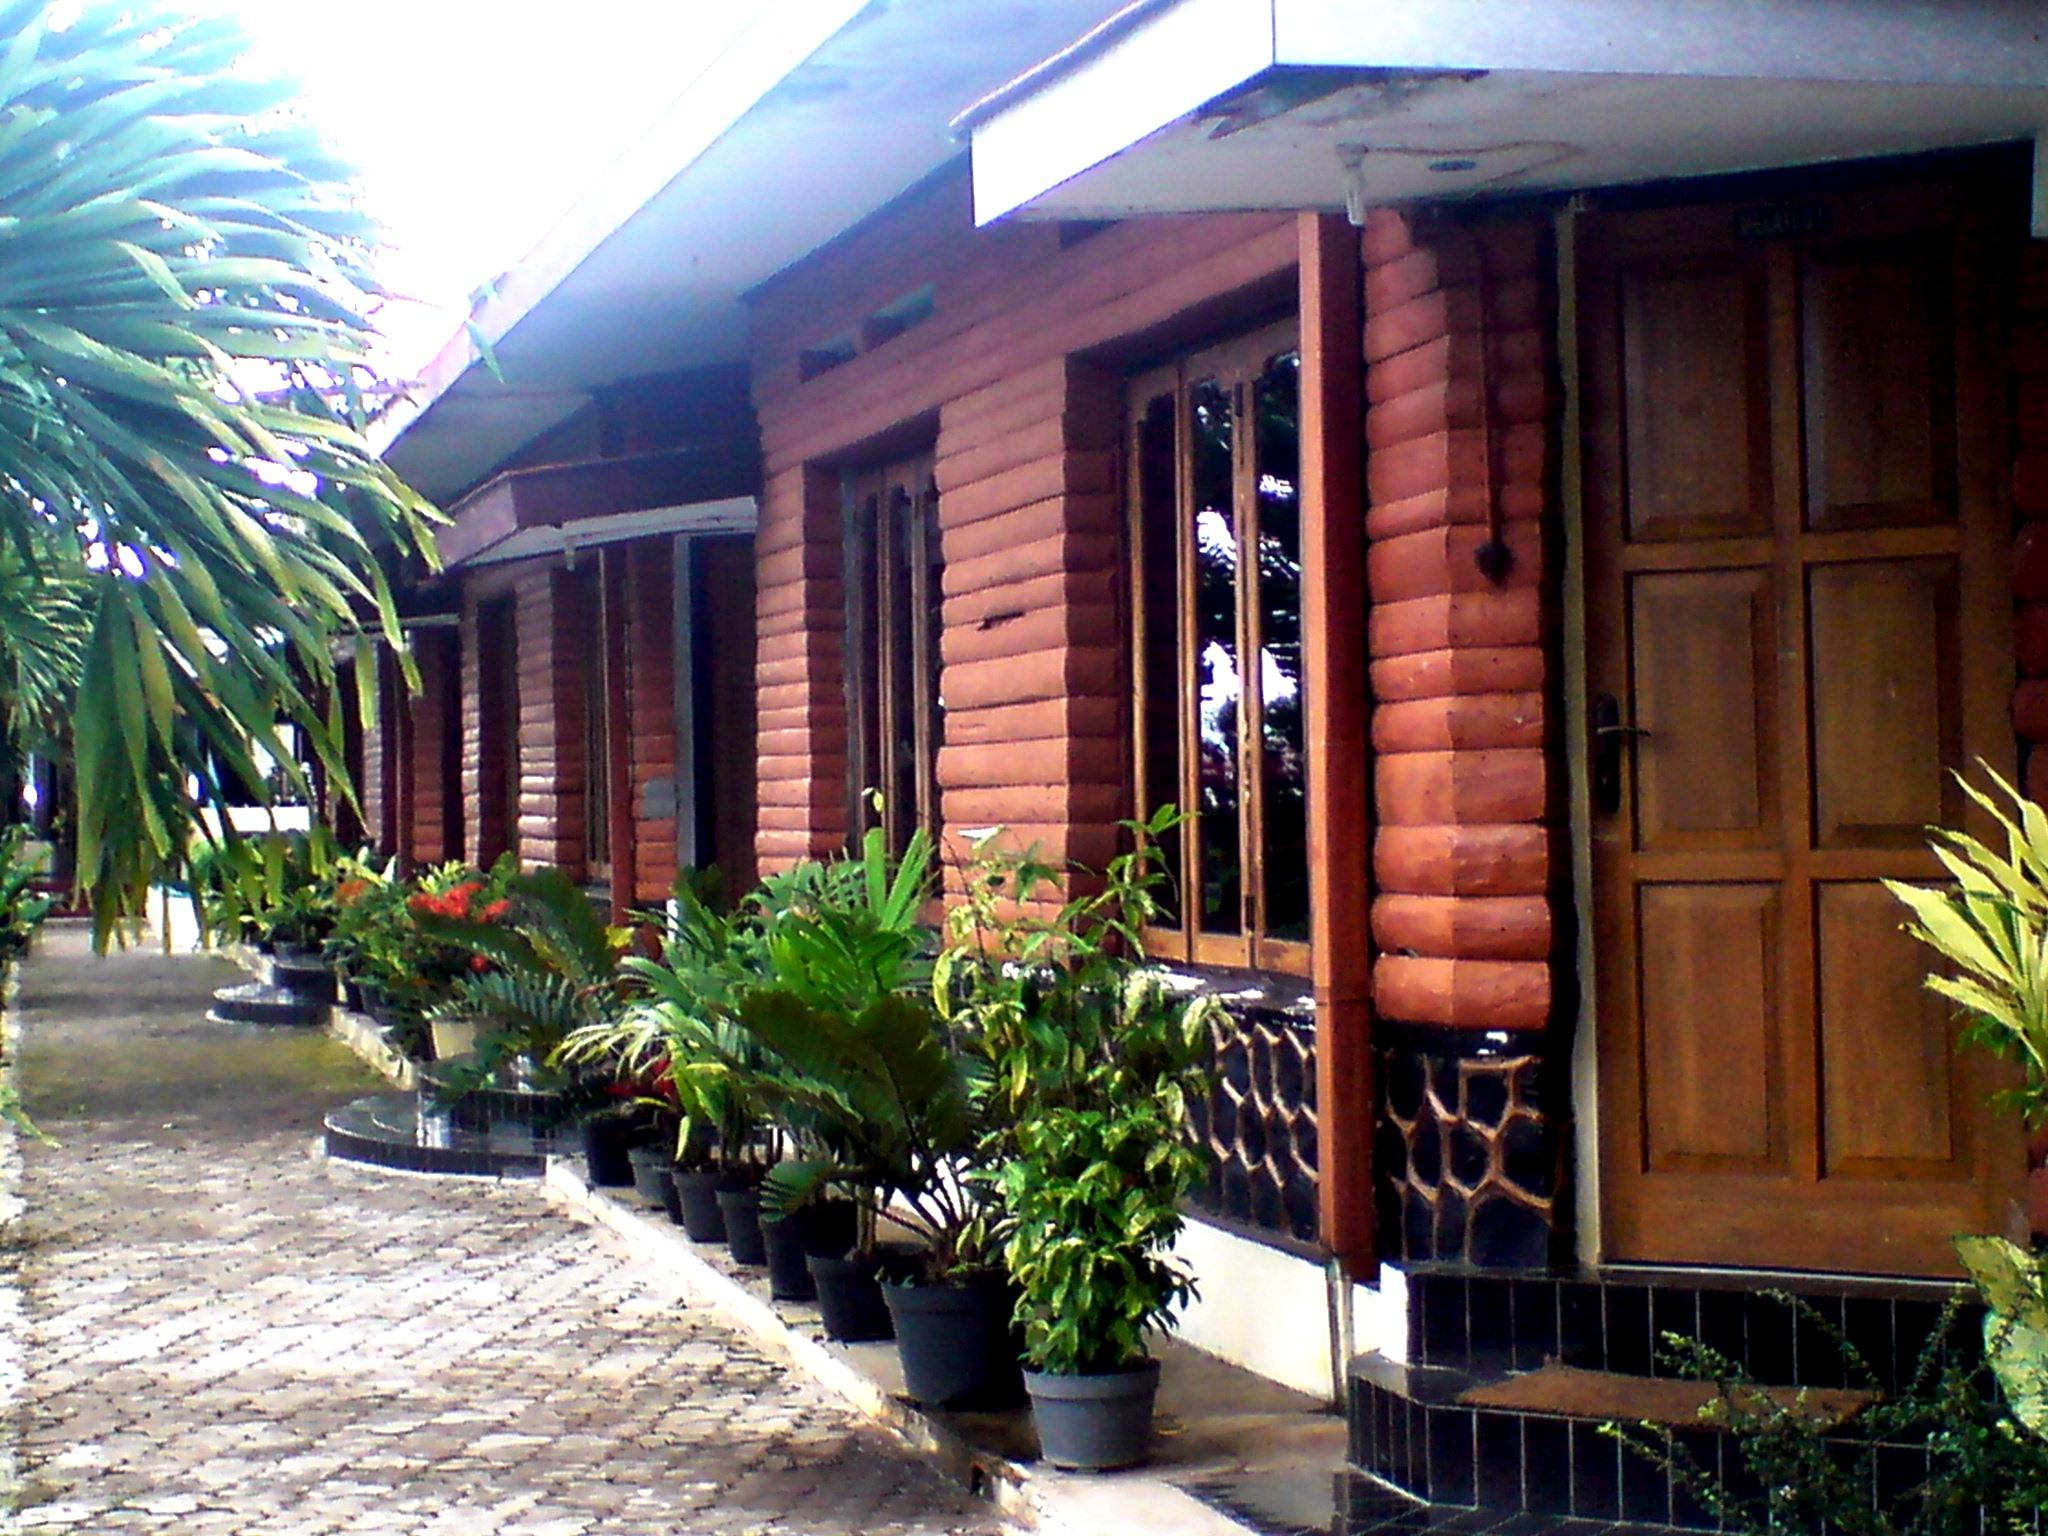 Wisata Rembangan Jember Jawa Timur Sunanarinal Ngunjung Puncak Kab